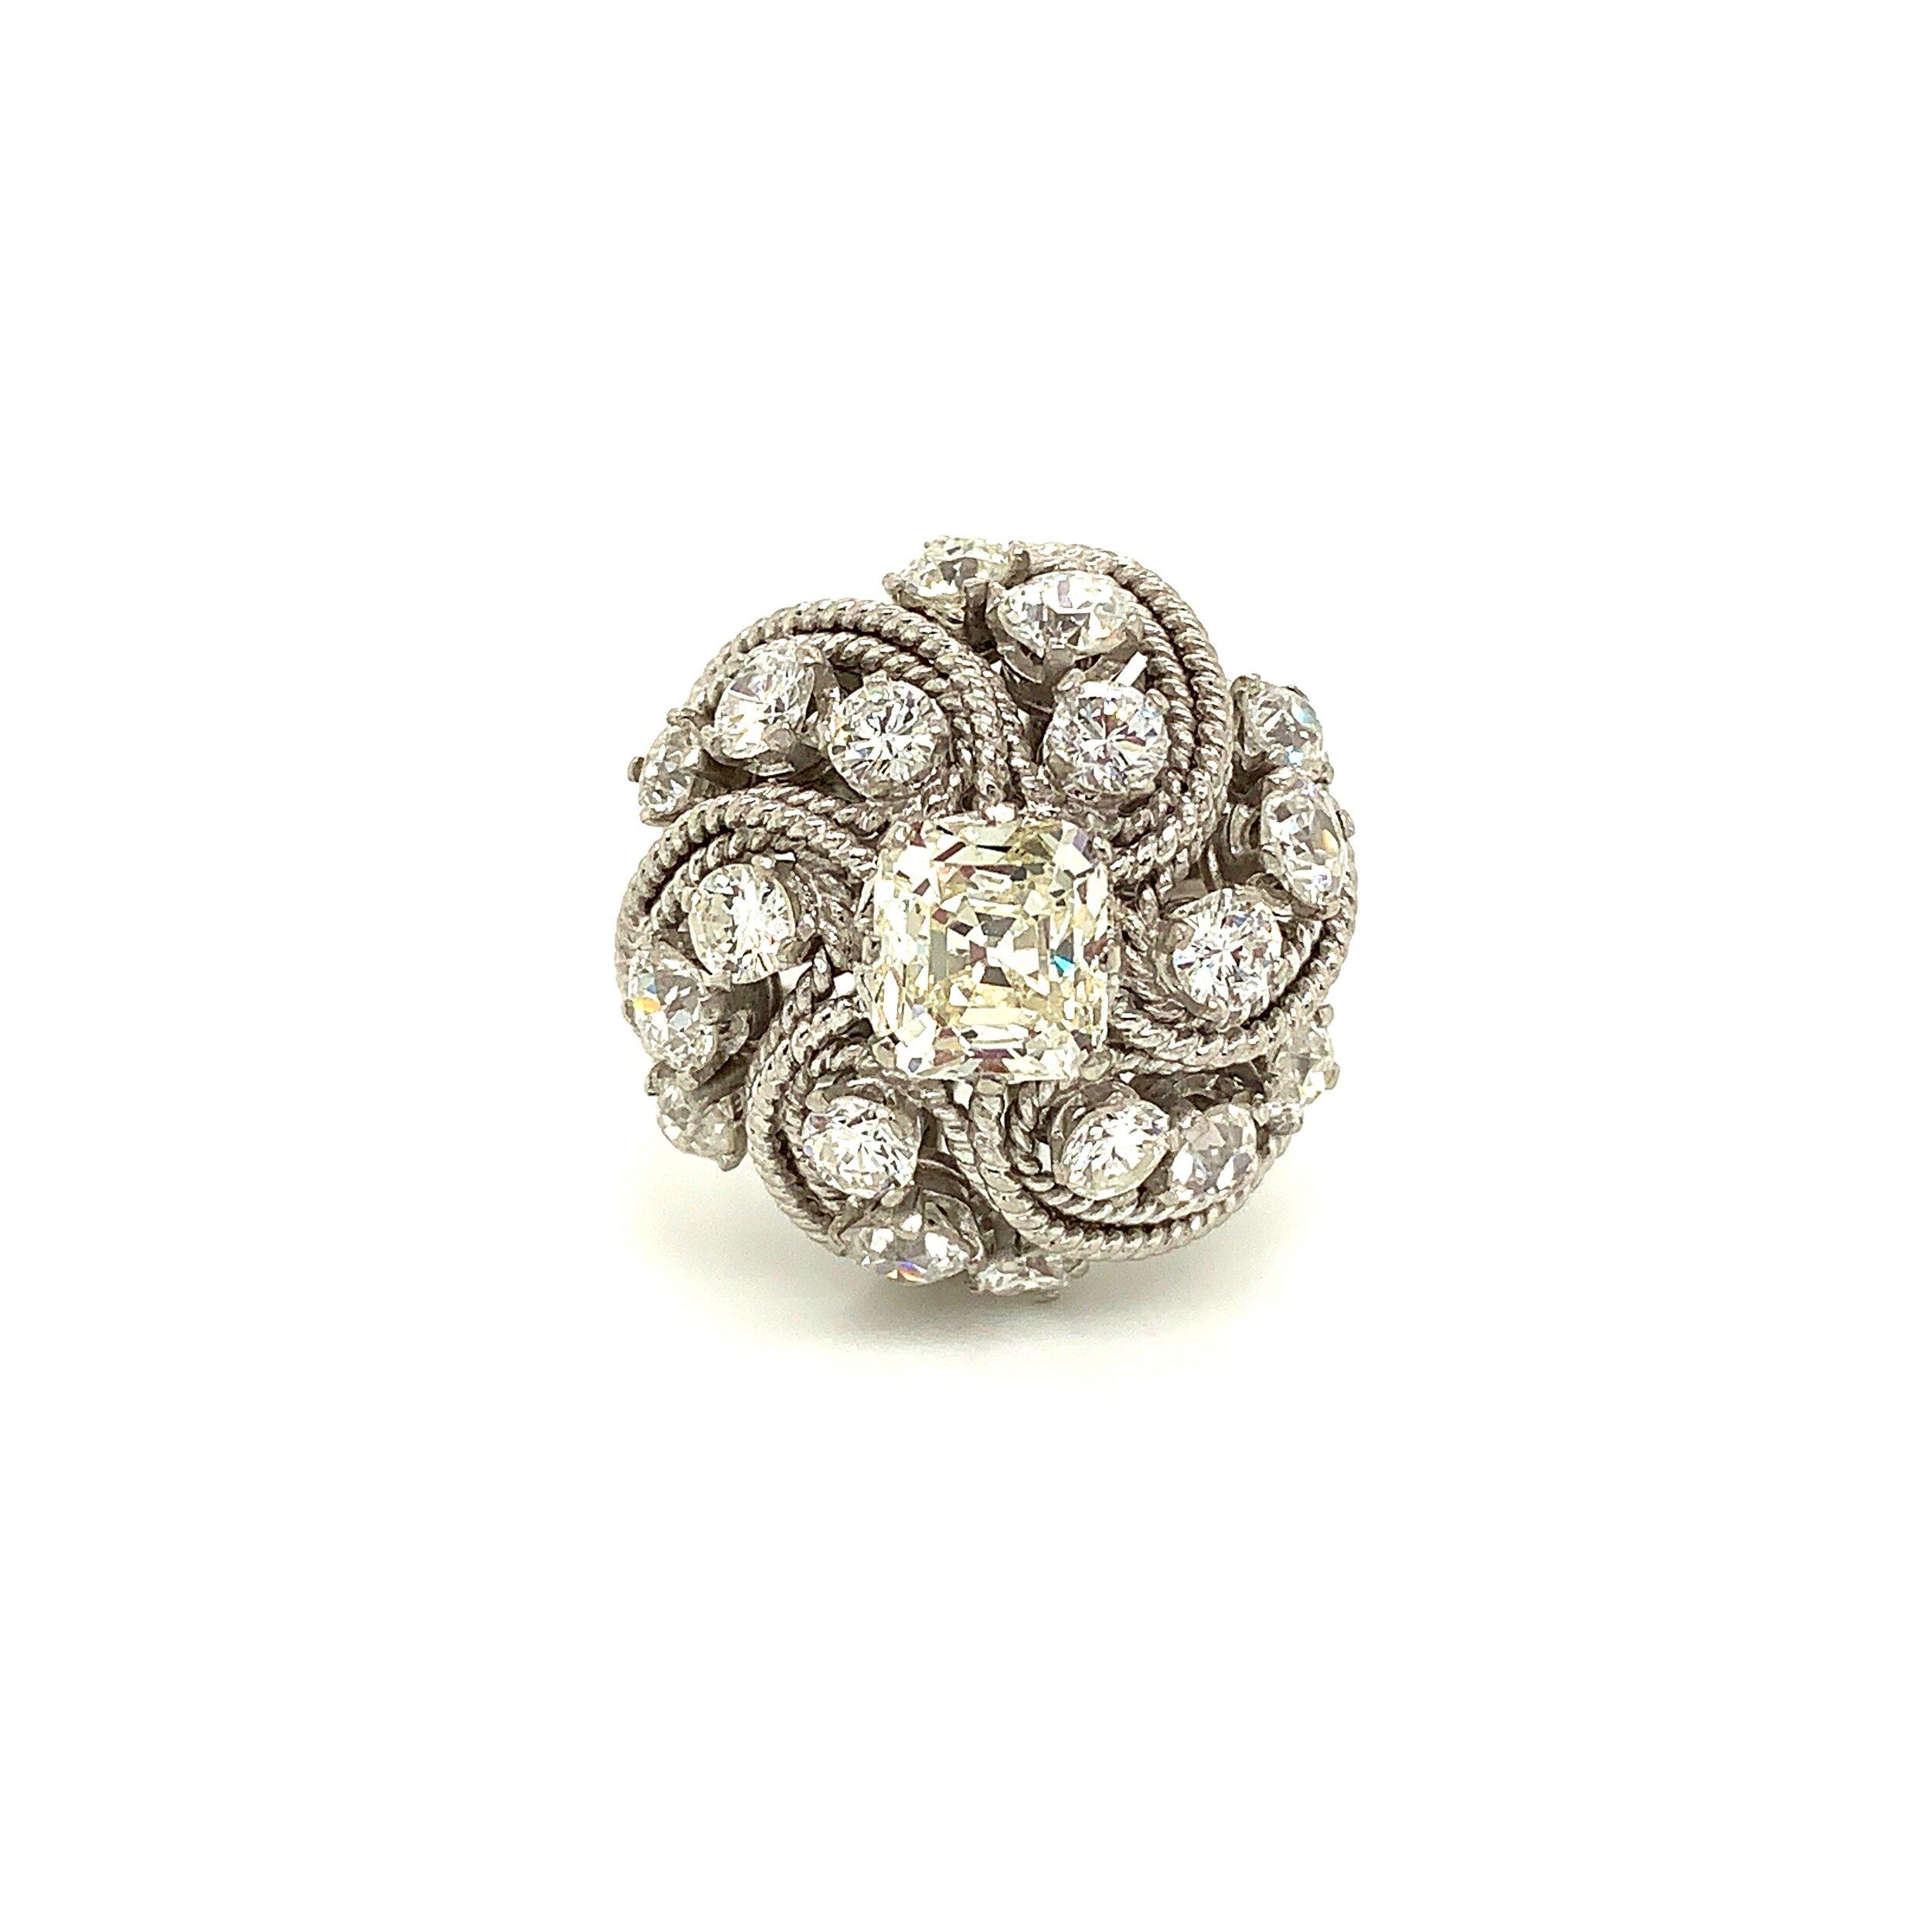 Diamond Cluster Ring with Square-Cut 1.7ct Diamond Center Set in Platinum  Est. US$ 3,000-5,000